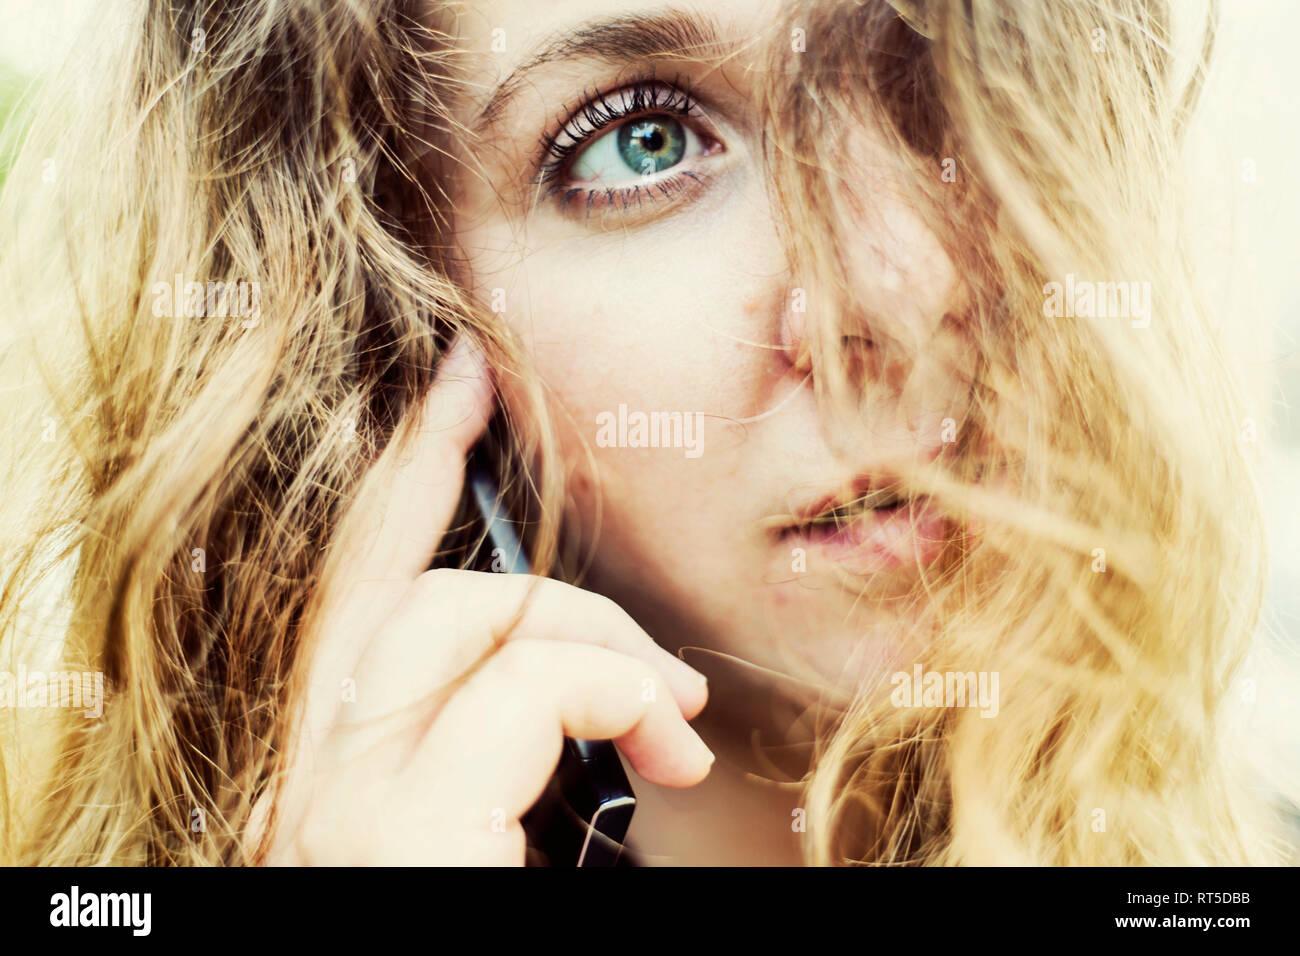 Porträt der jungen Frau am Telefon, Nahaufnahme Stockbild